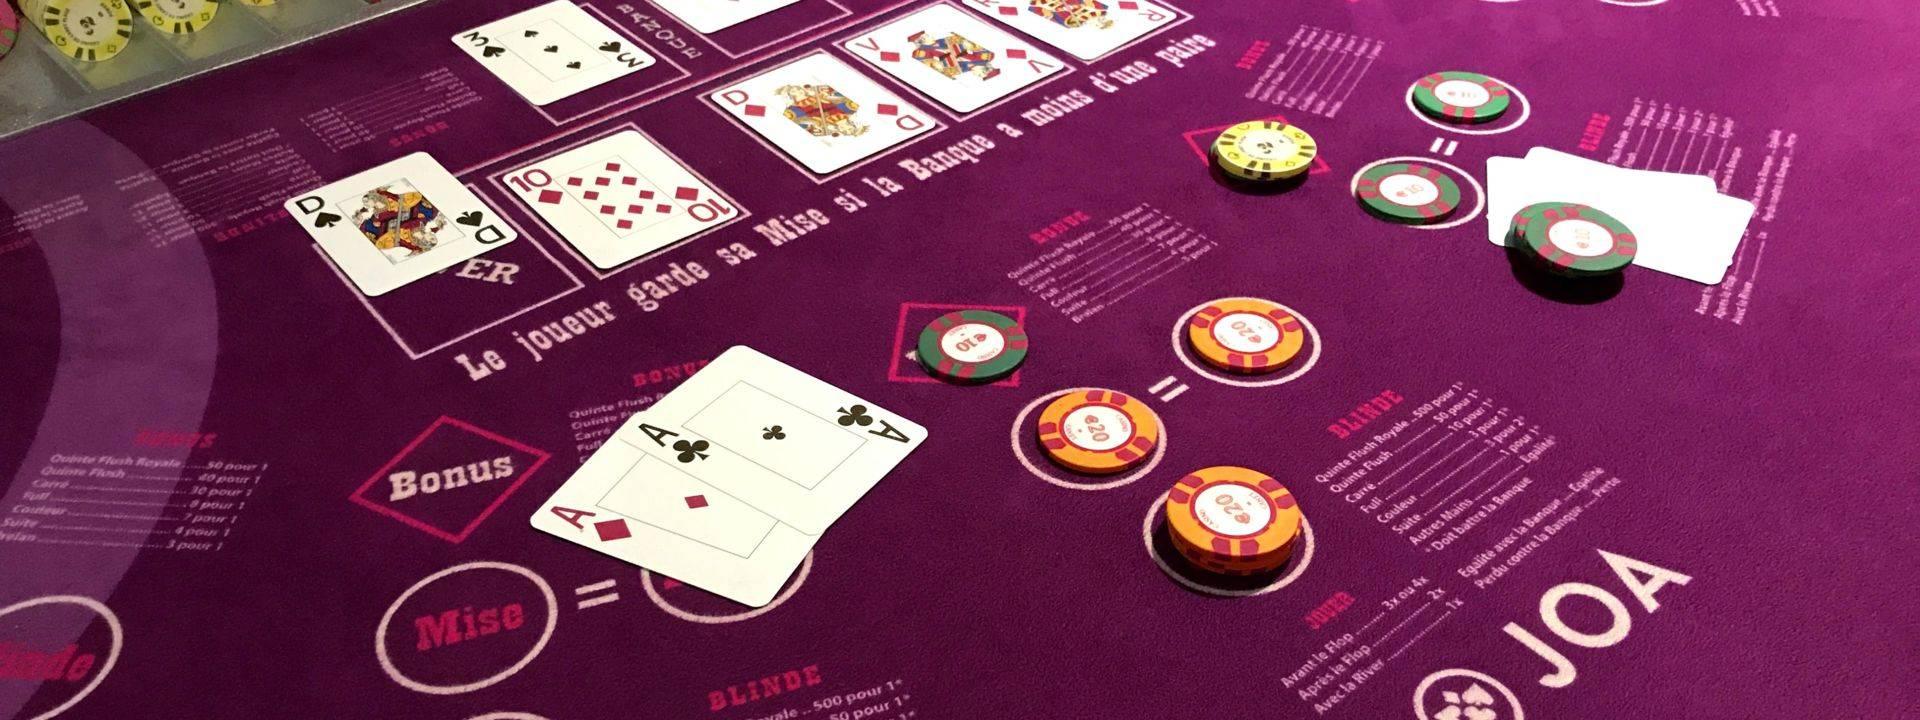 casino bonus mit minimaler einzahlung 2020